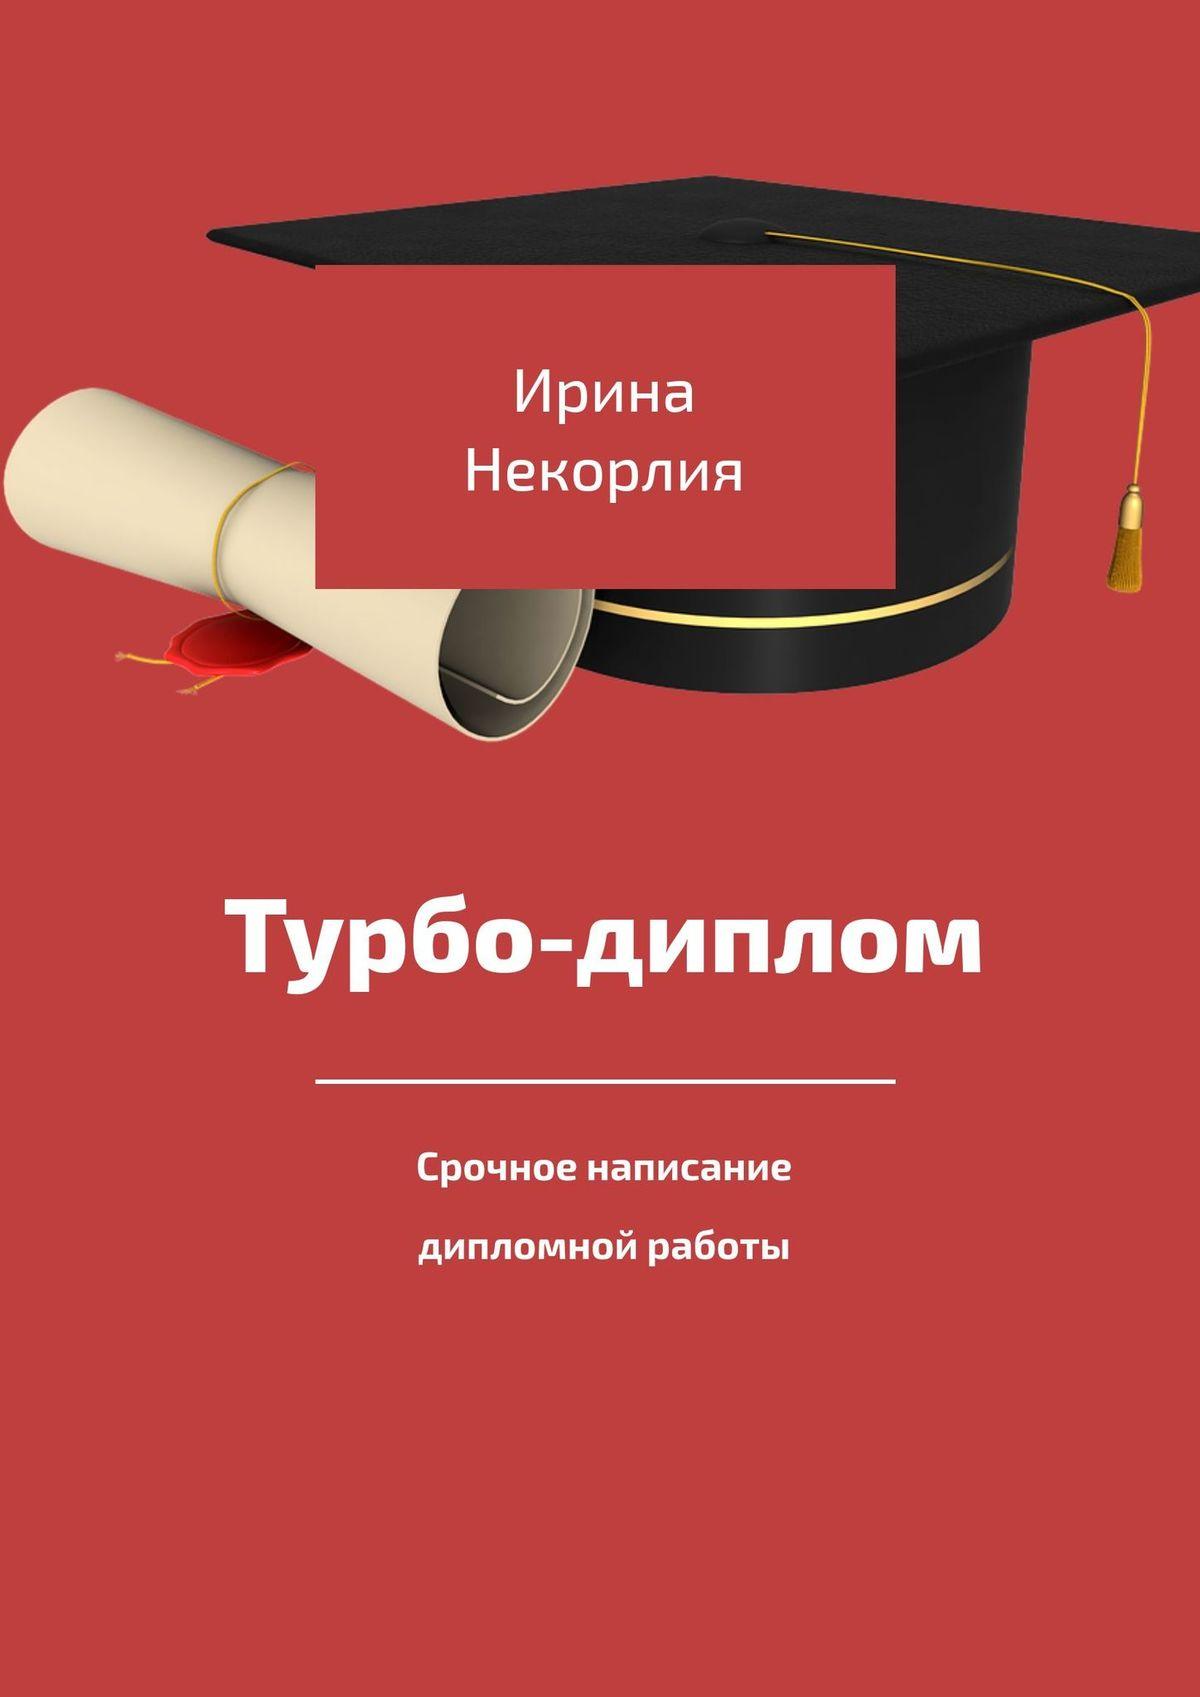 Турбо-диплом. Срочное написание дипломной работы